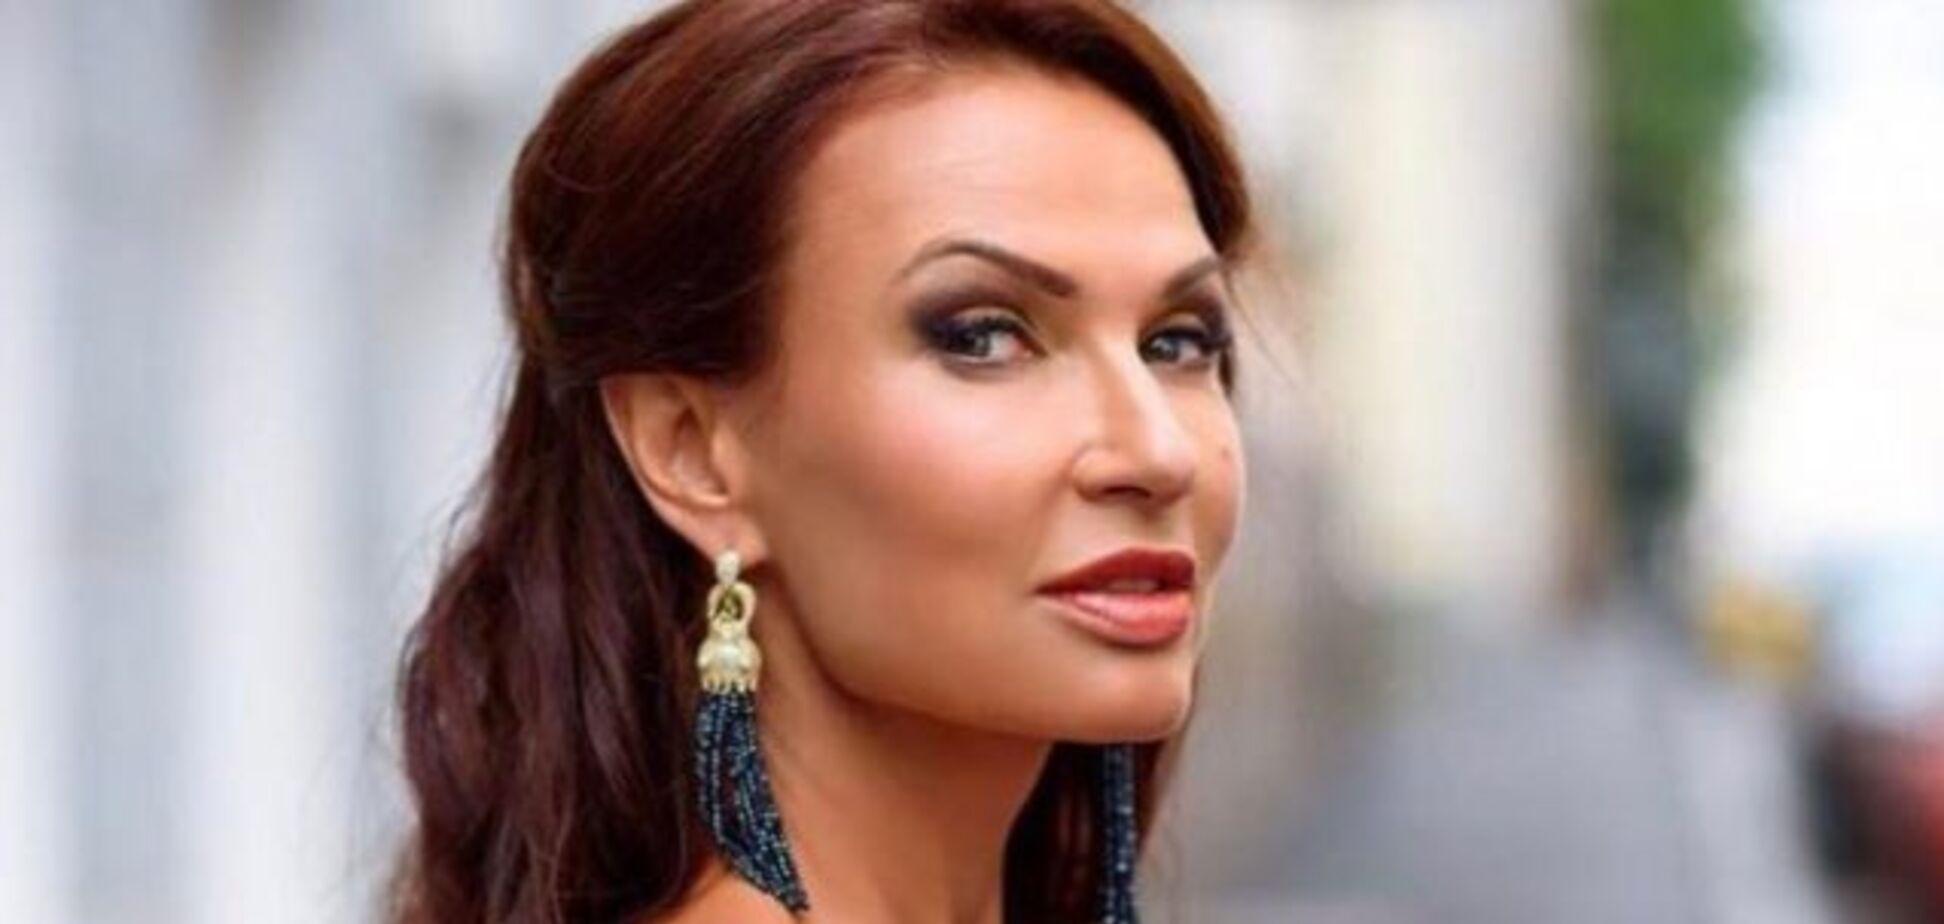 'Ого, як еротично!' 50-річна російська зірка показала пишні груди